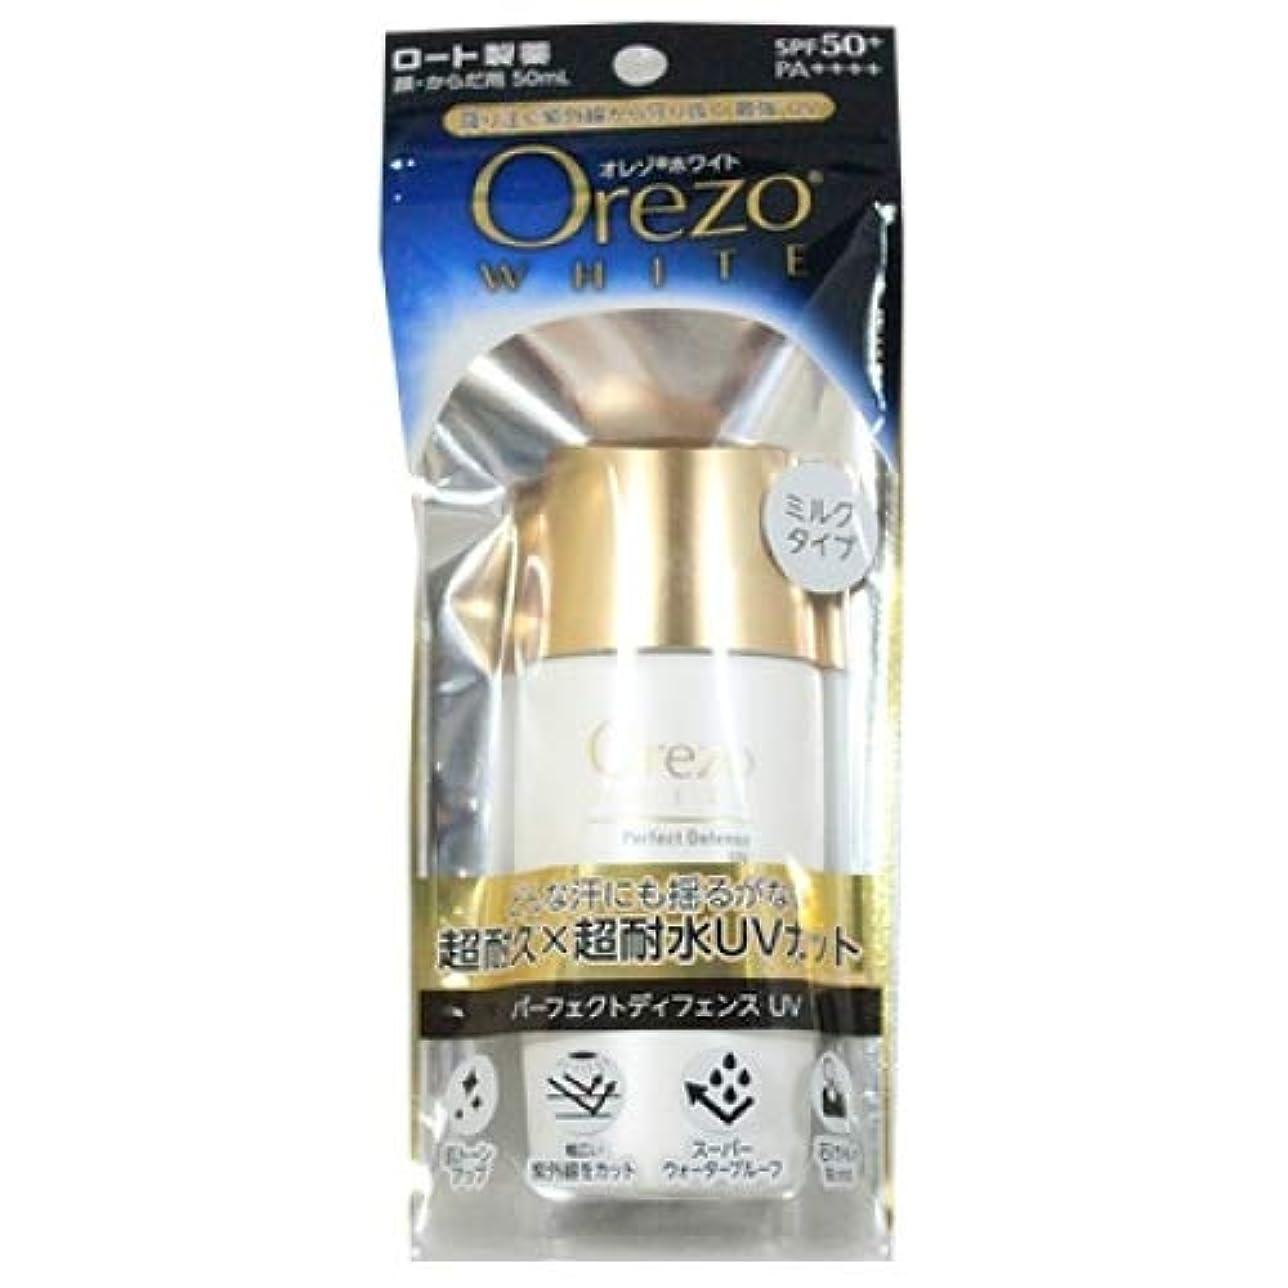 いじめっ子支出チャールズキージングロート製薬 Orezo オレゾ ホワイト パーフェクトディフェンスUVa SPF50+ PA++++ (50mL)